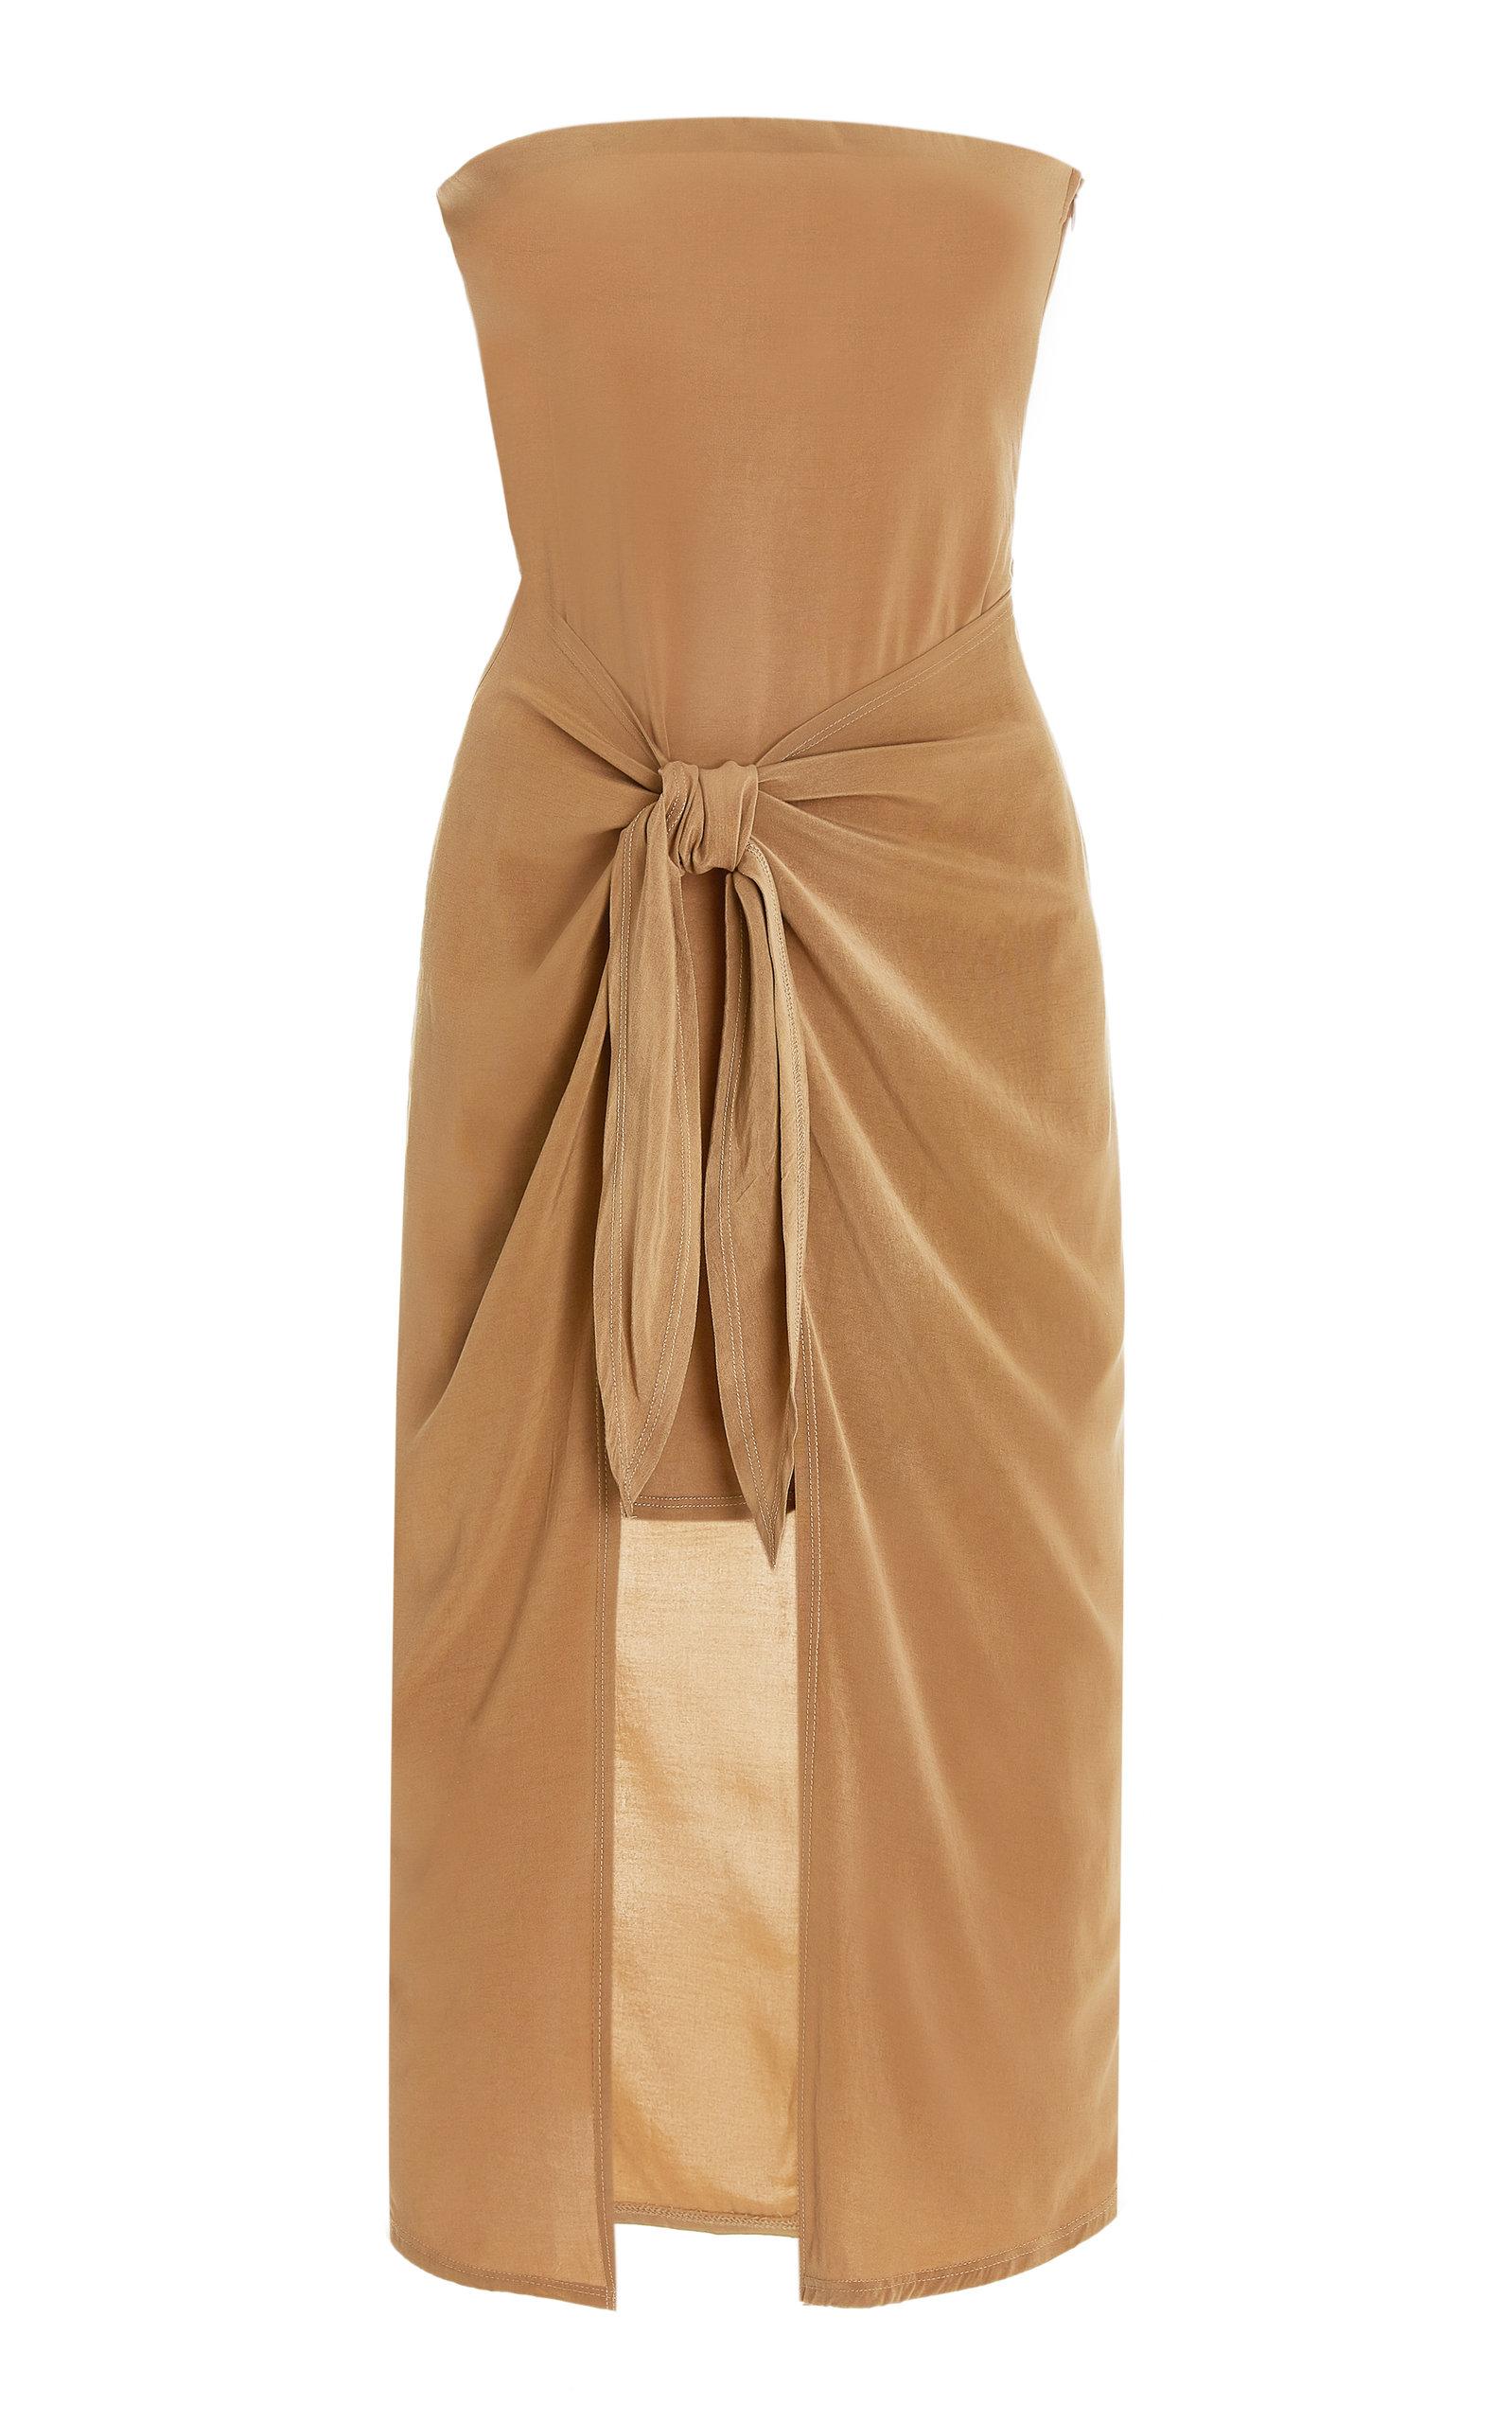 Women's DK Strapless Wrap-Effect Woven Midi Dress